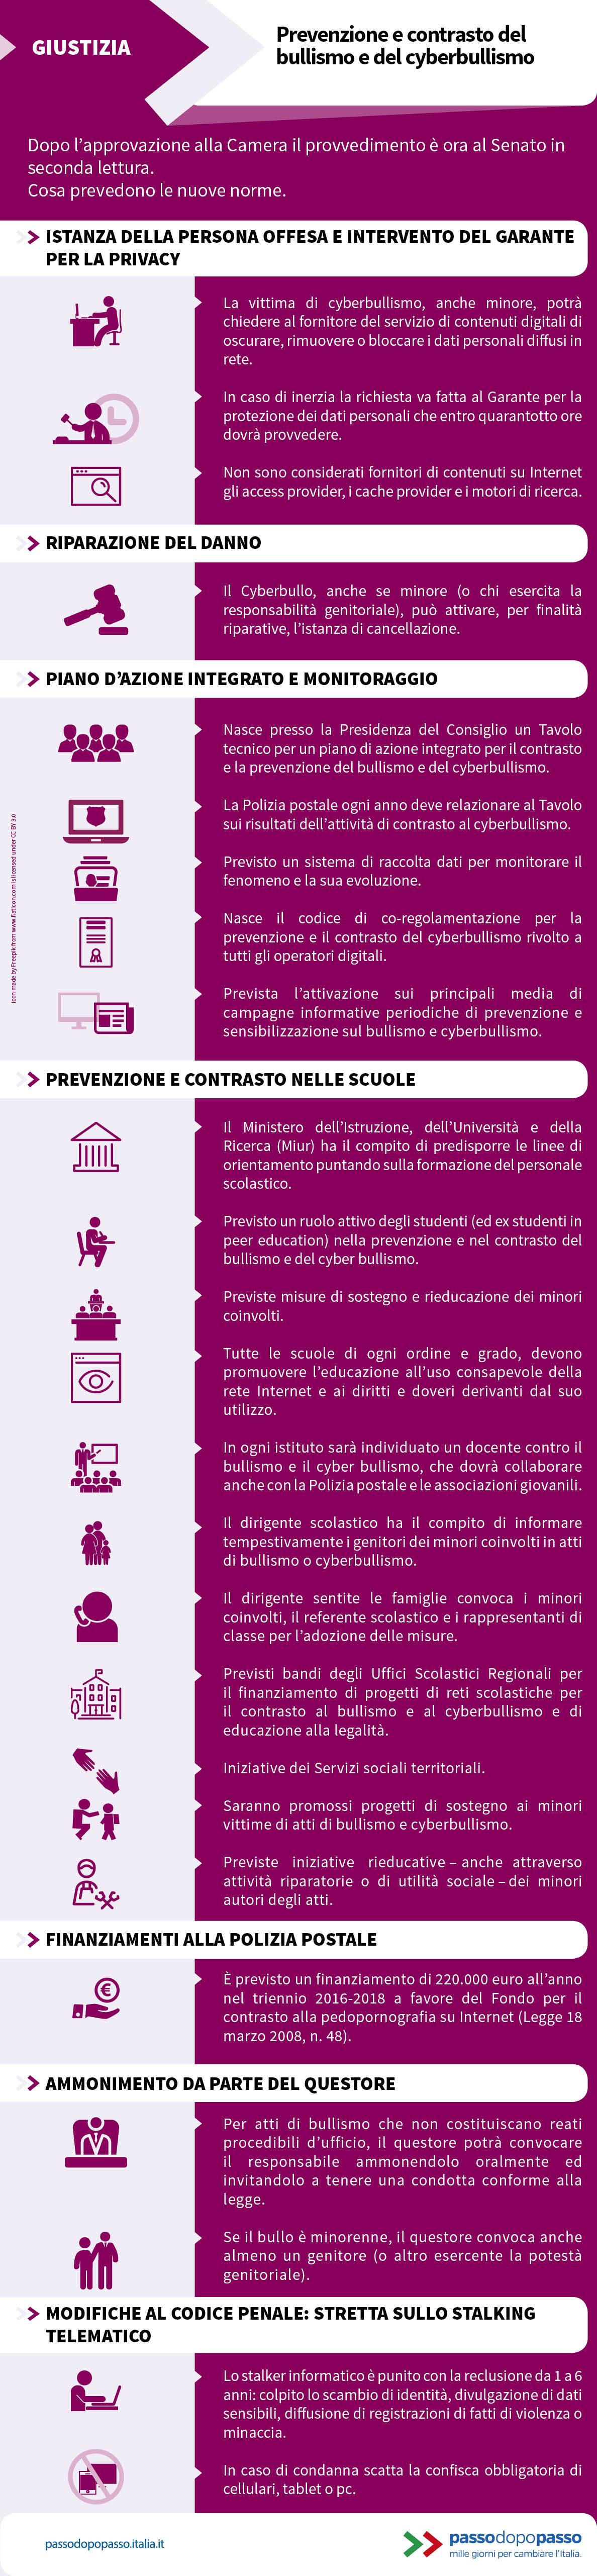 Infografica: Prevenzione e contrasto del bullismo e del cyberbullismo